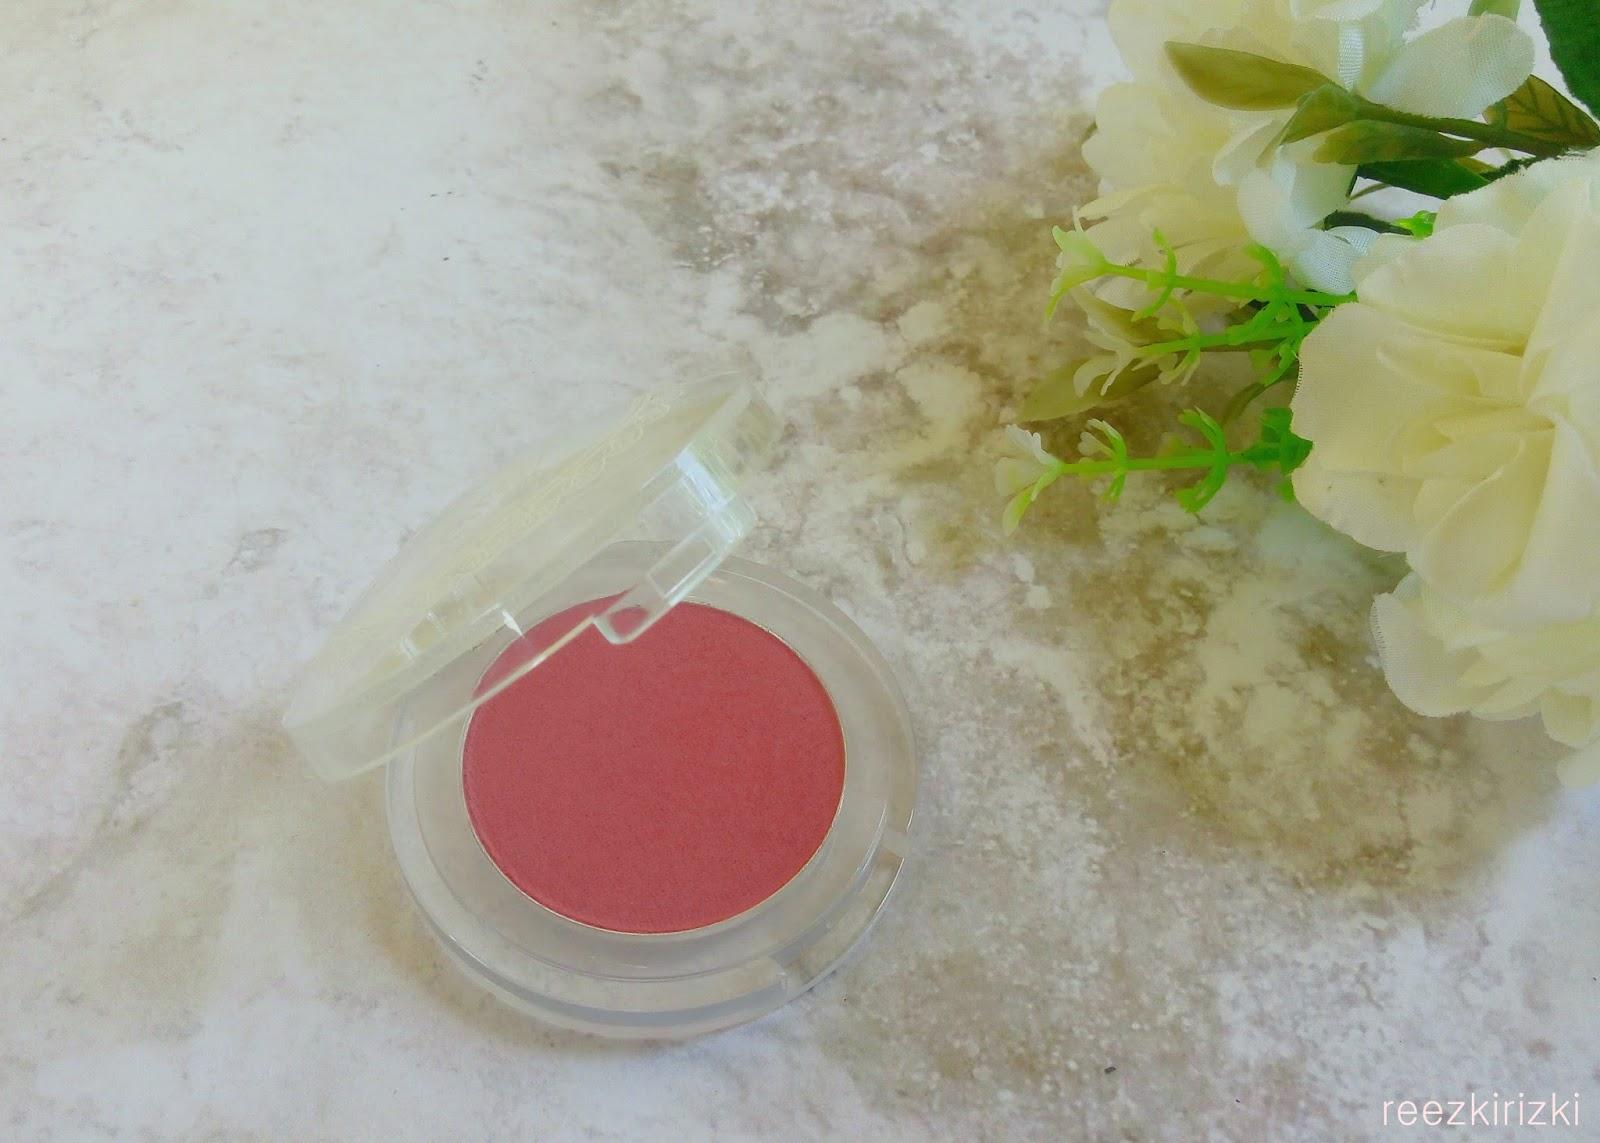 Reezkis Beauty Blog Emina Cosmetics Products Review Cheeklit Pressed Blush Powder Ini Packagingnya Super Manis Sama Kayak City Chic Cc Cake Juga Kokoh Dan Ga Gampang Pecah